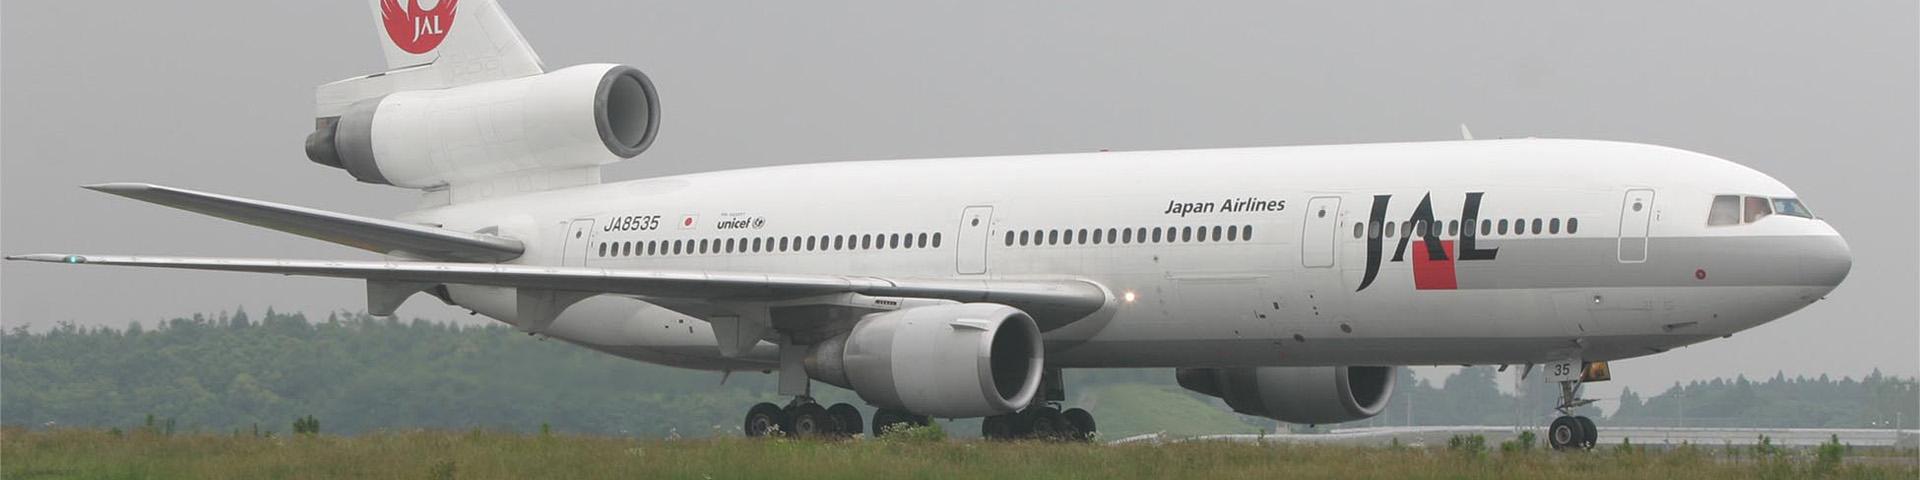 DC-10 JAL